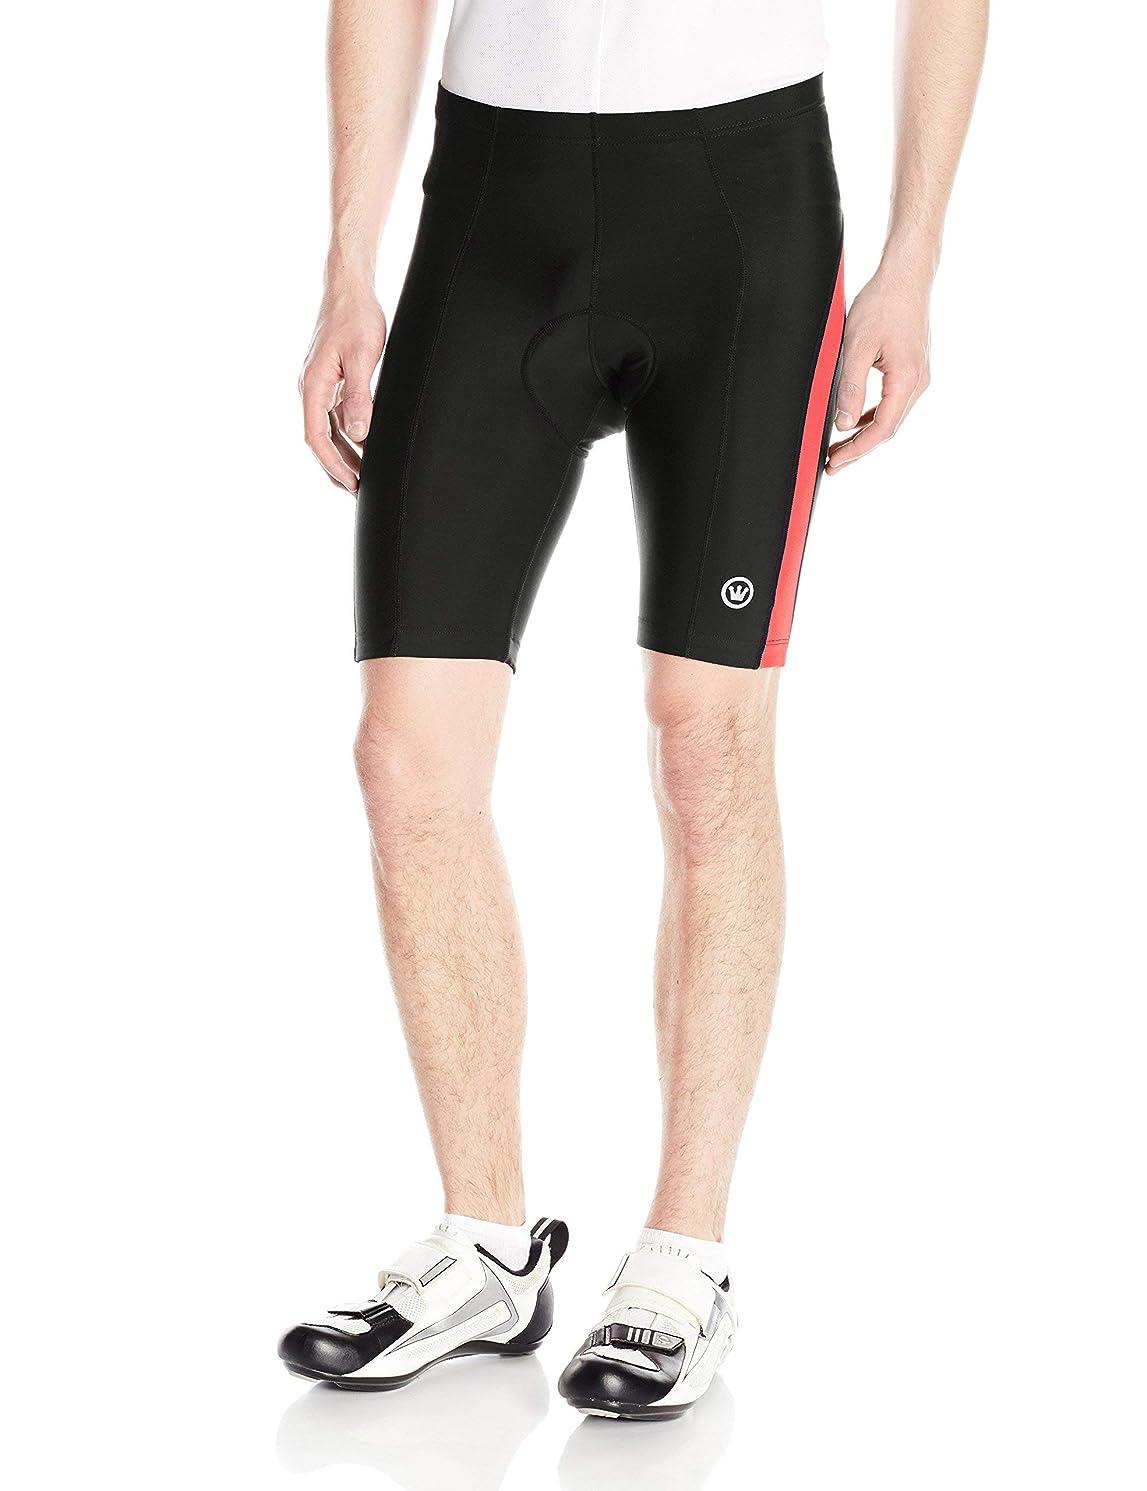 CANARI Men's Blade Gel Pad Cycling/Biking Shorts